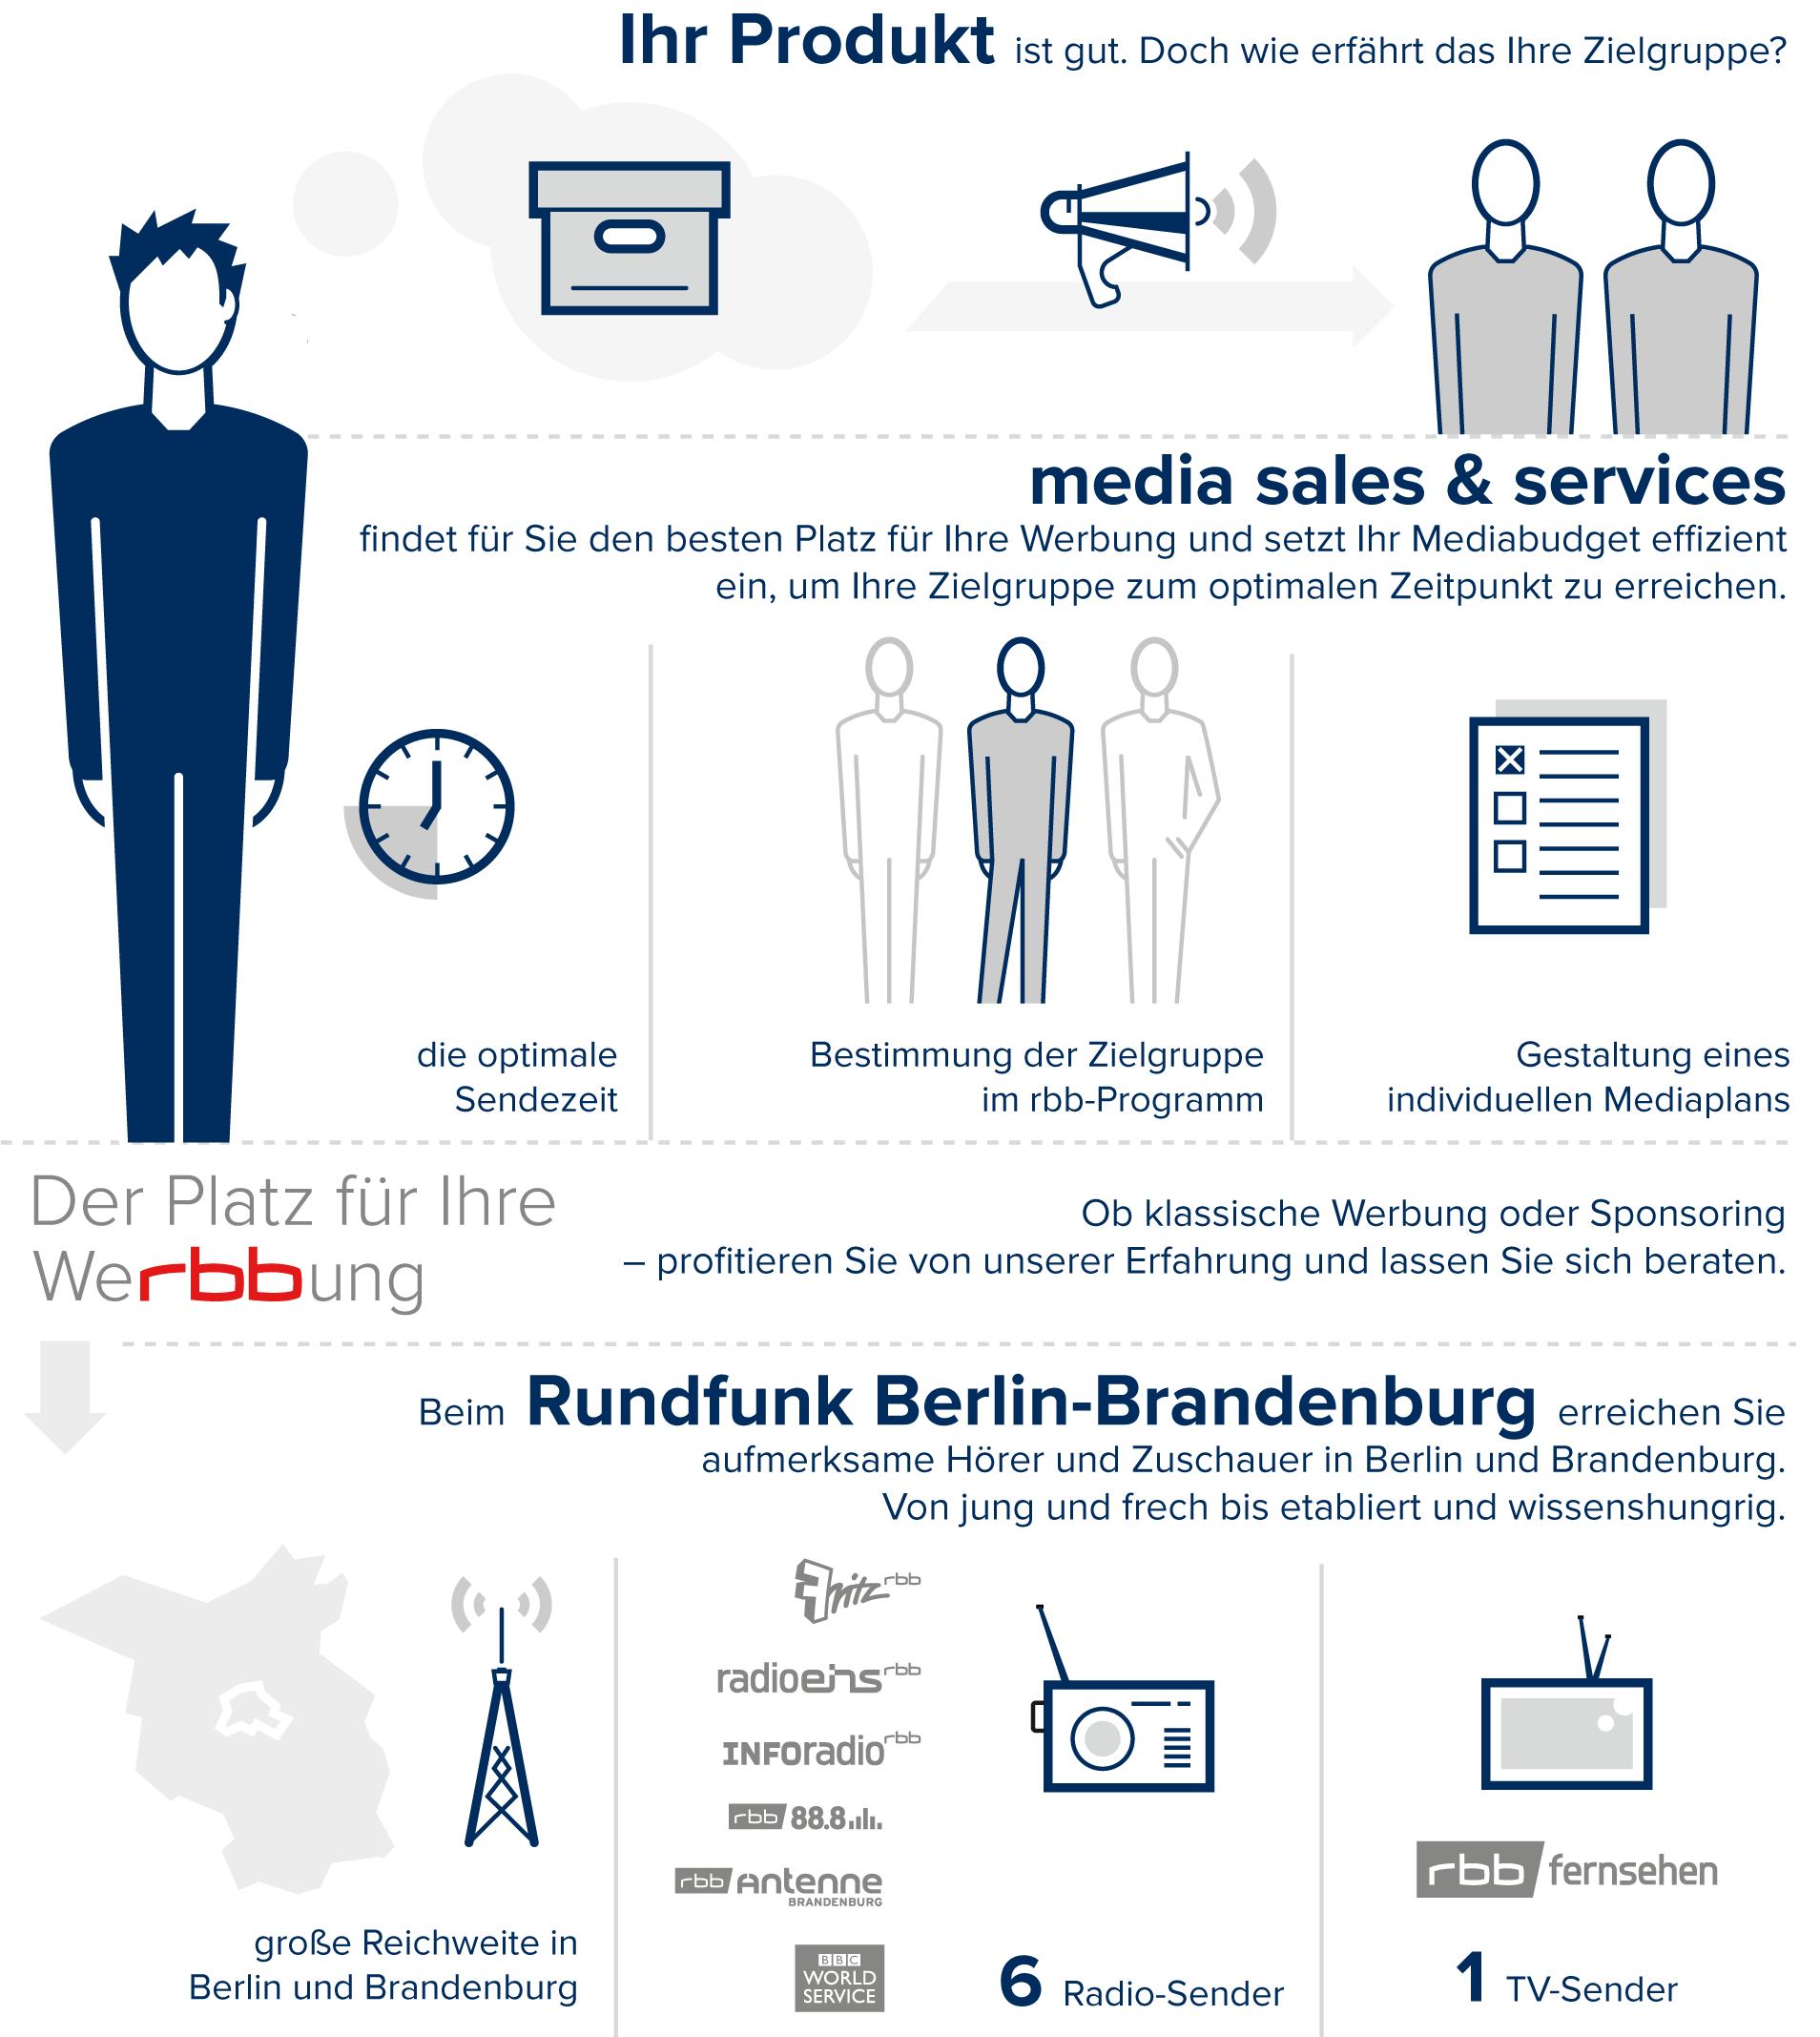 Leistungen der media sales & services GmbH in der Übersicht